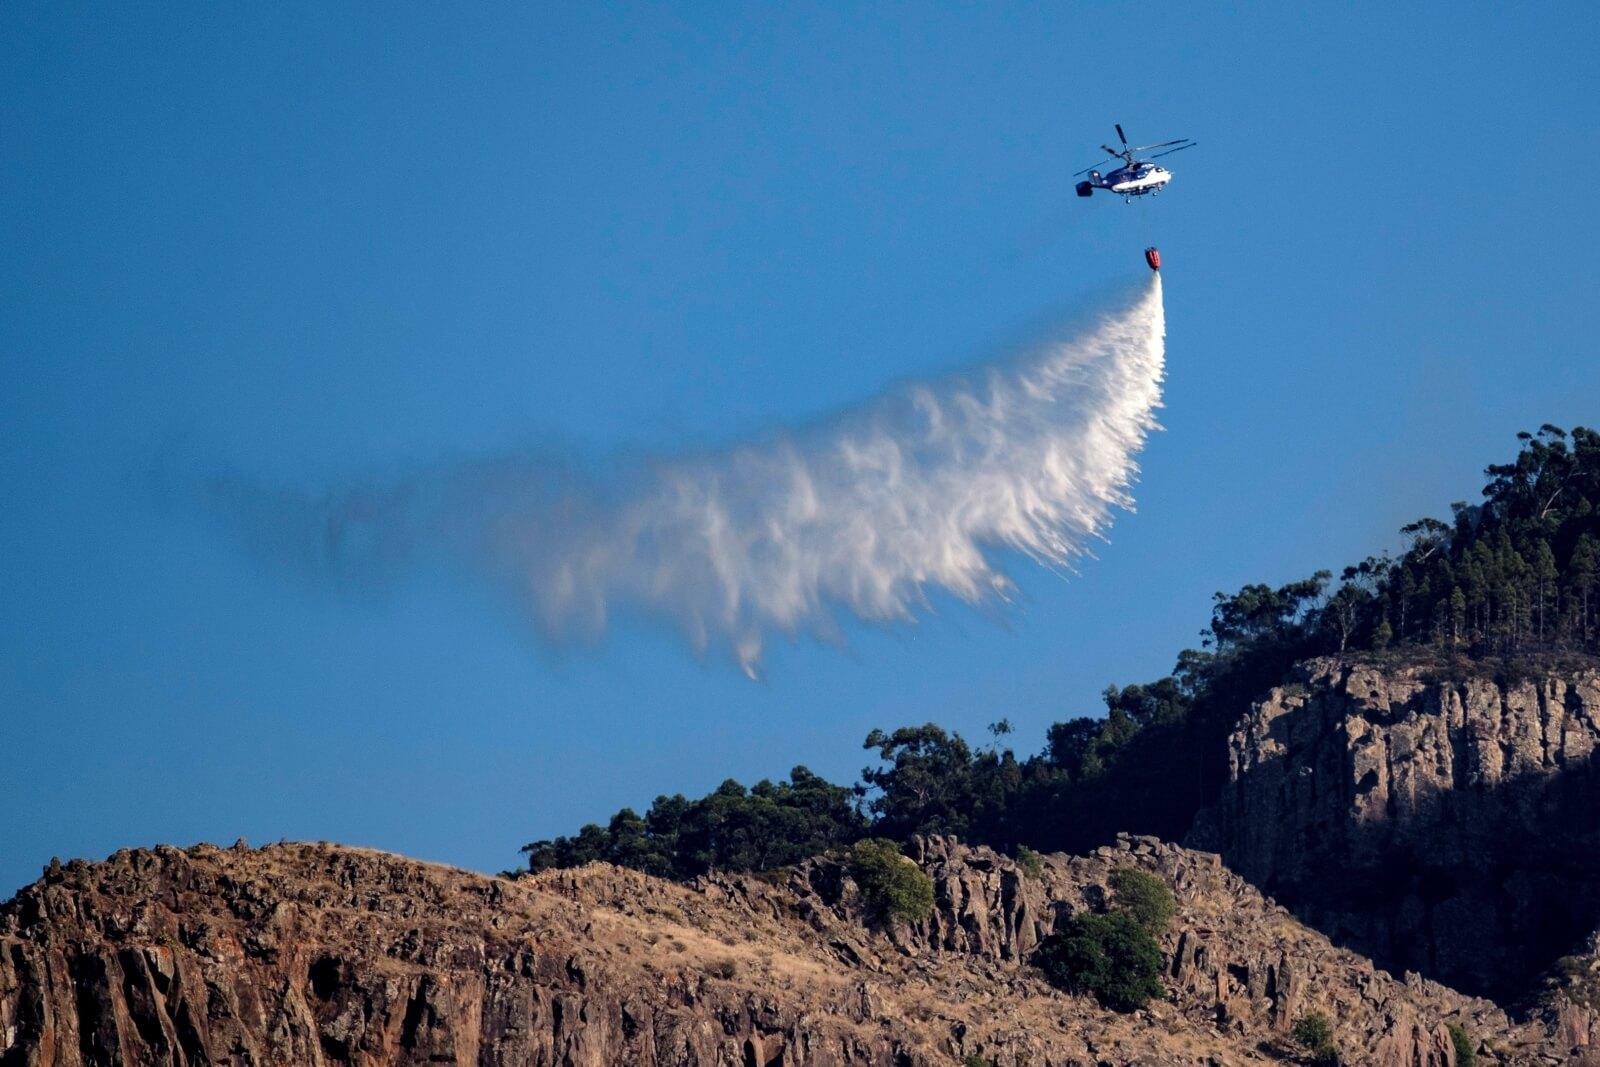 Pożary w Hiszpanii pustoszą lasy fot. EPA/Angel Medina G.